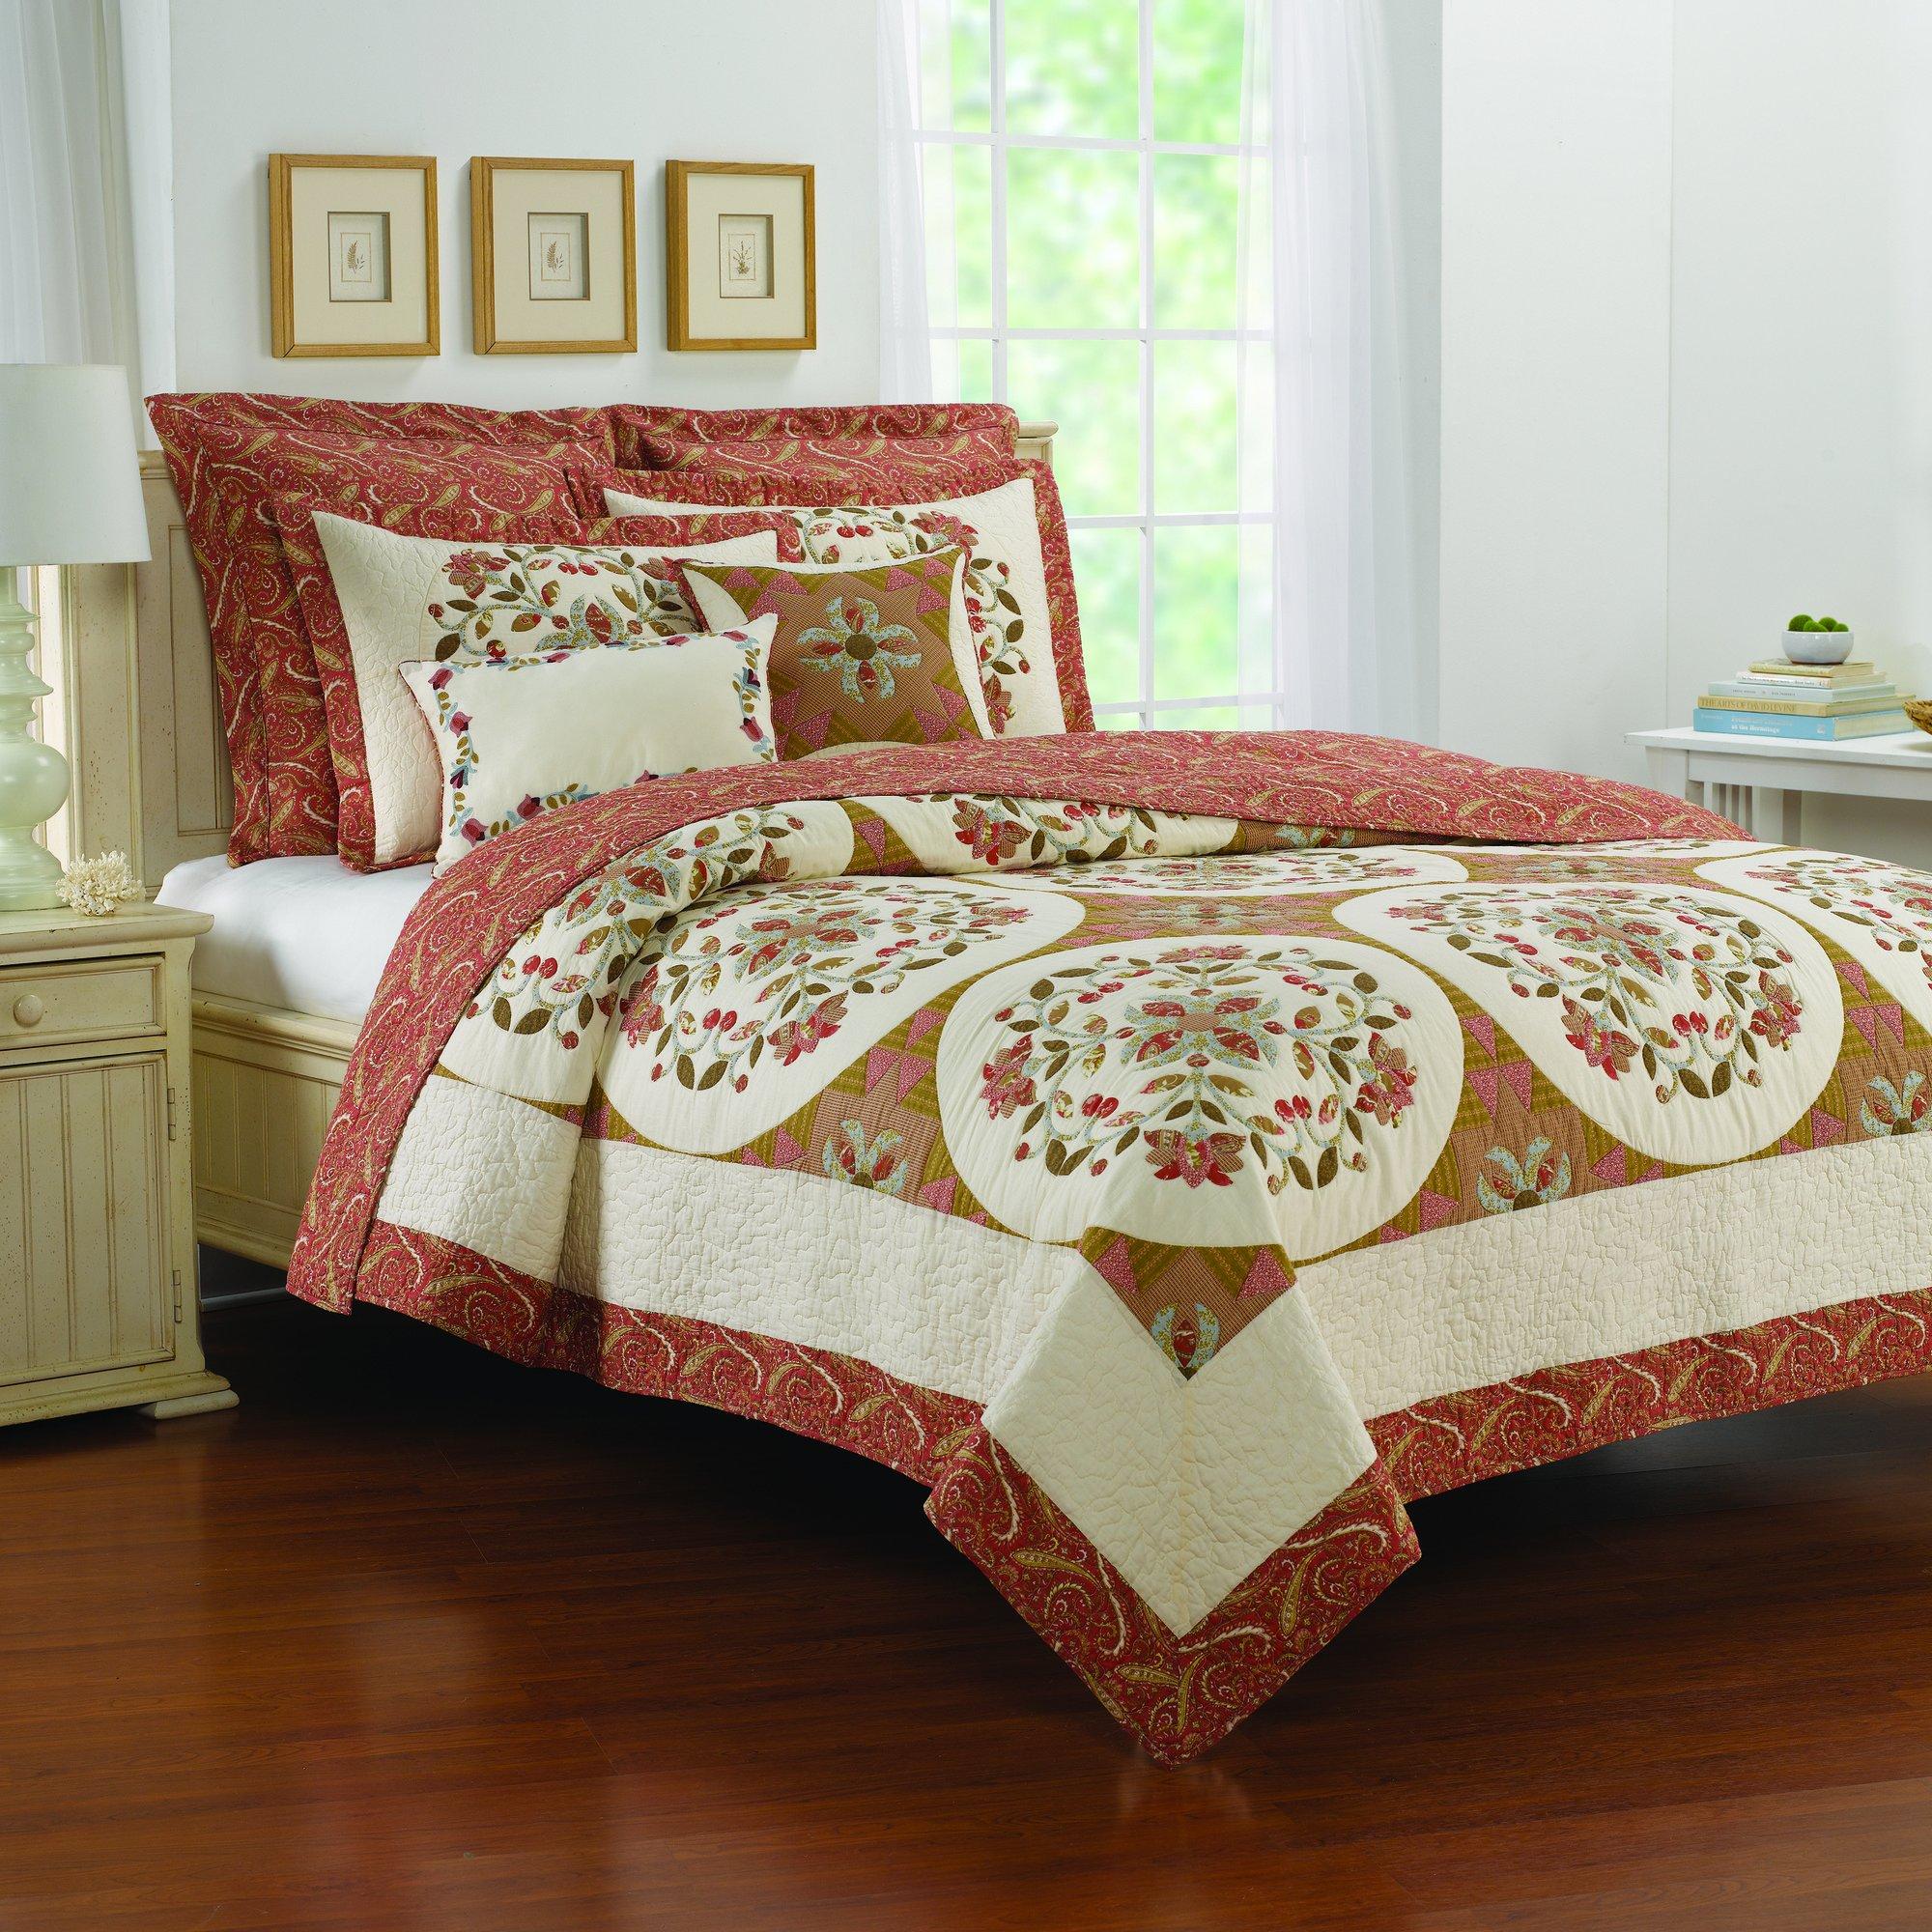 Nostalgia Home 754605112827 Durham Quilt by Nostalgia Home